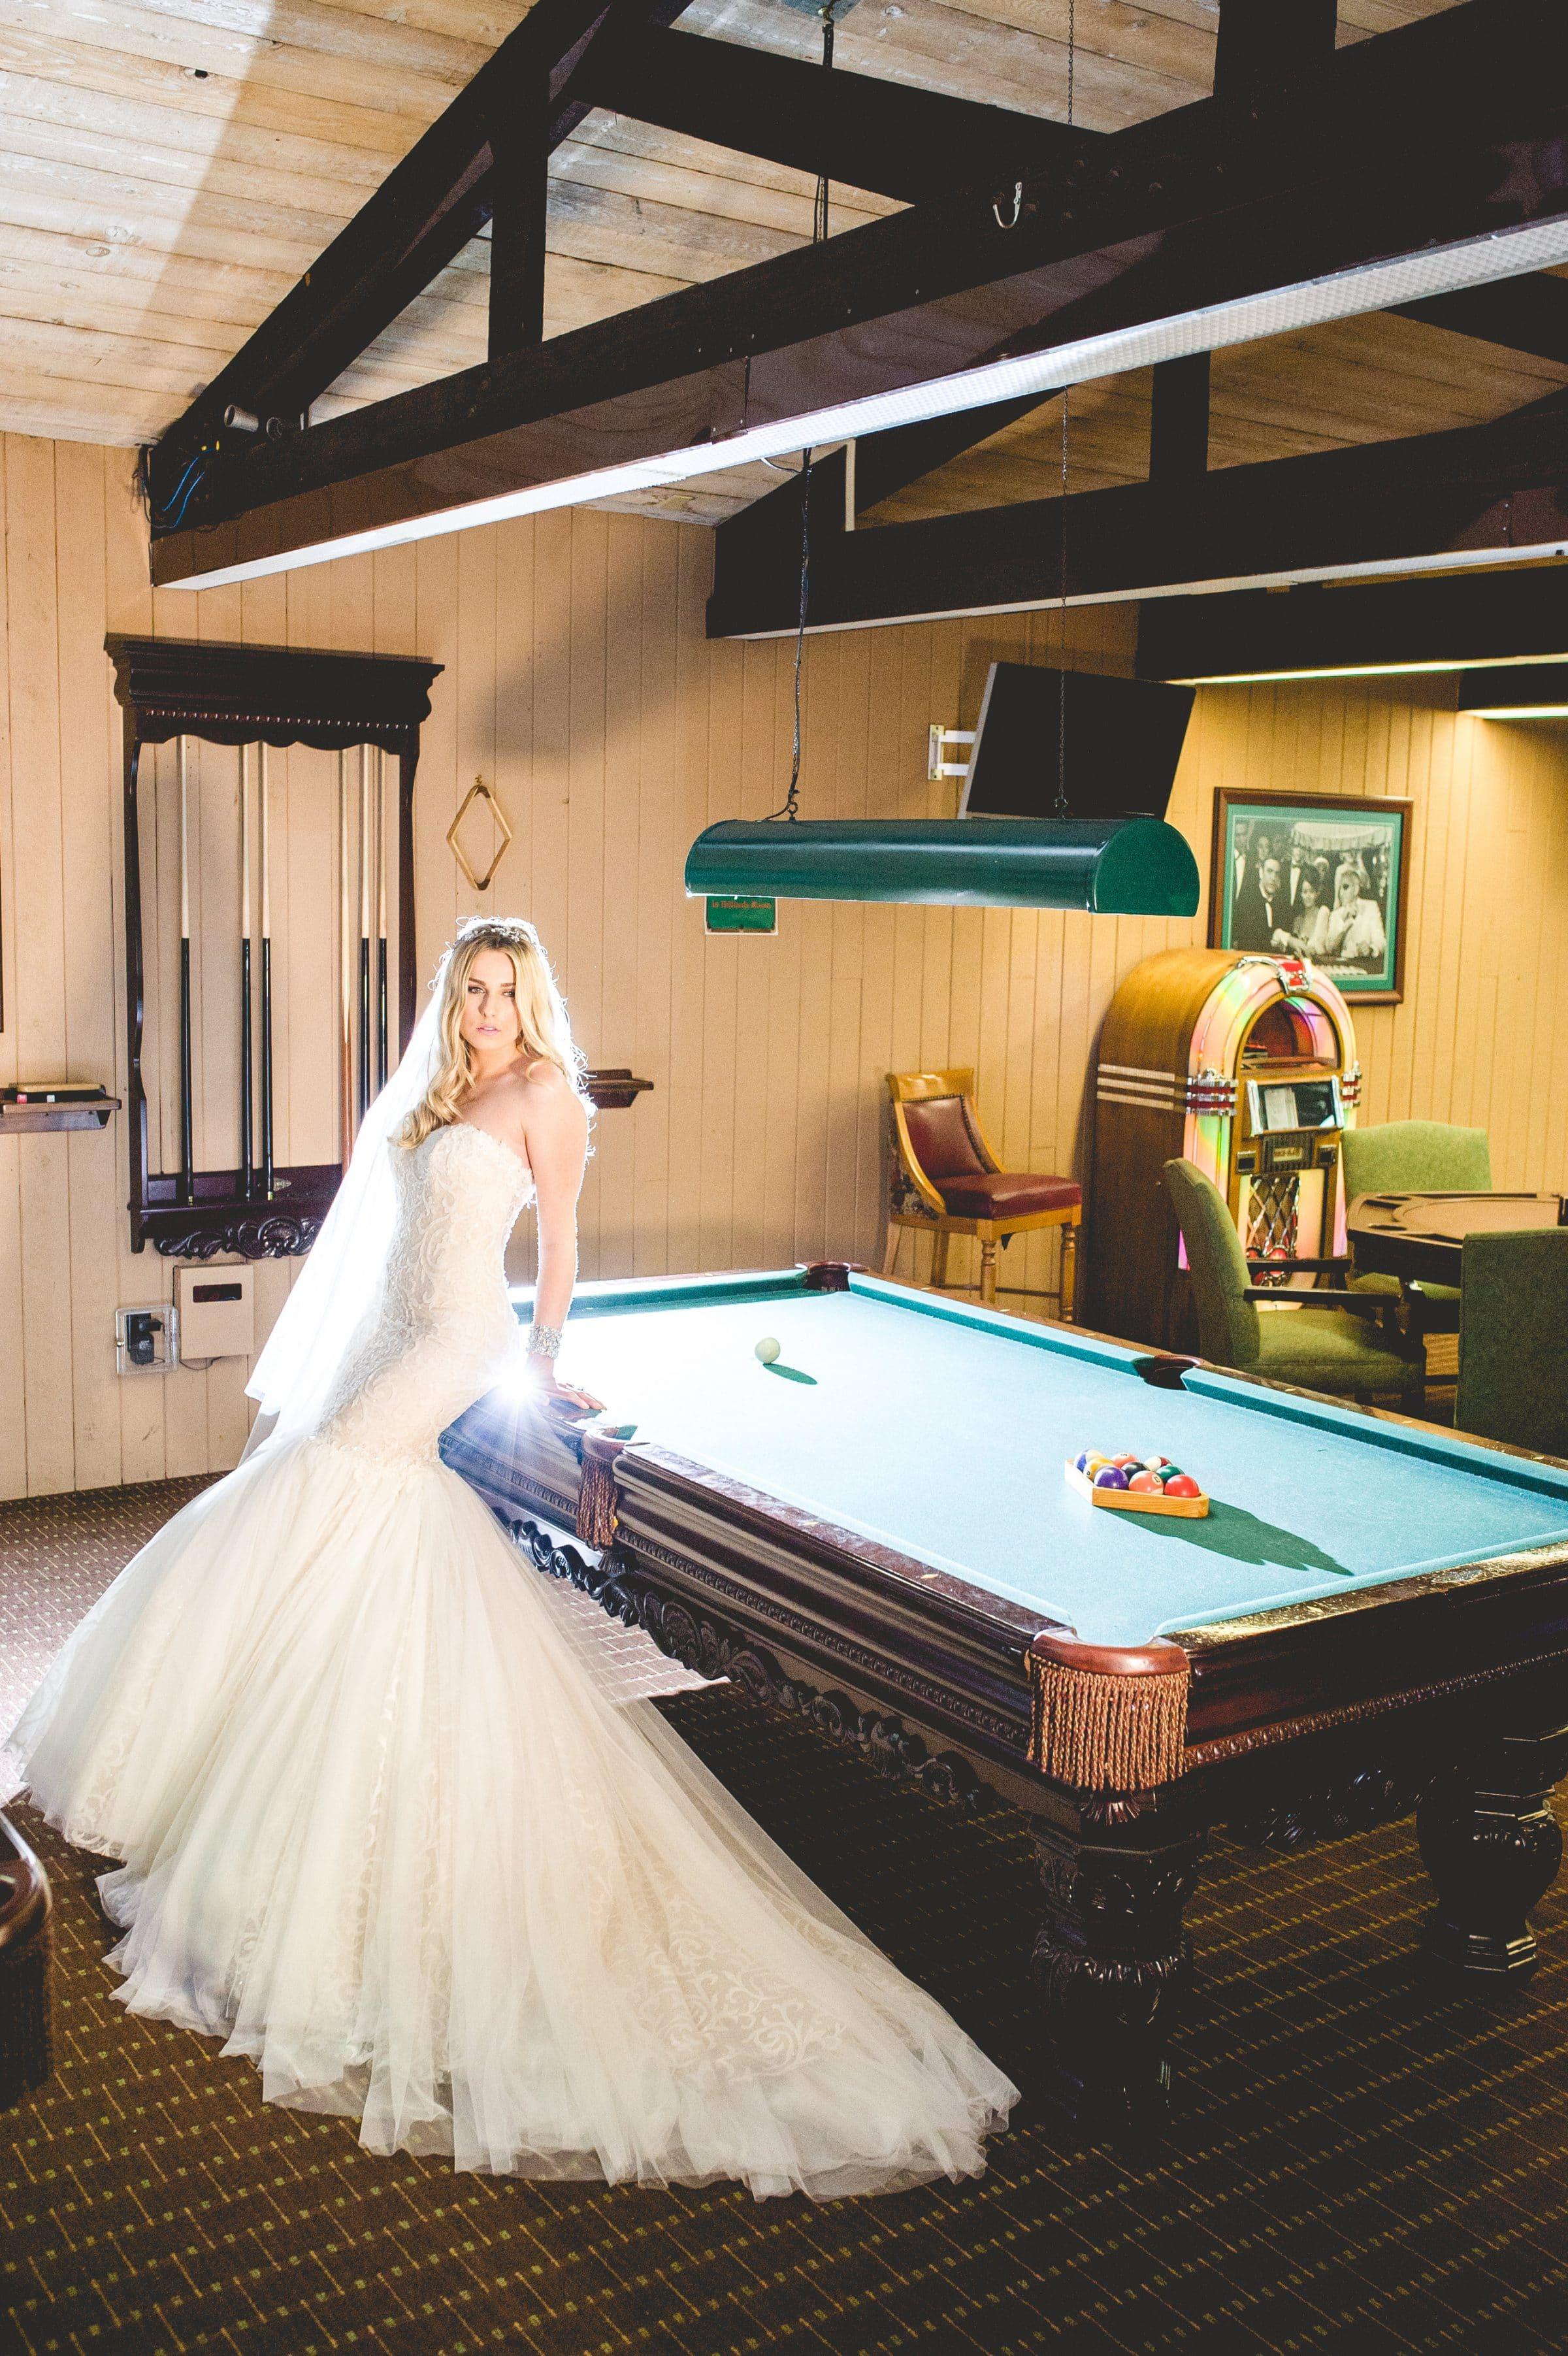 Bride wearing long mermaid gown in billiards room